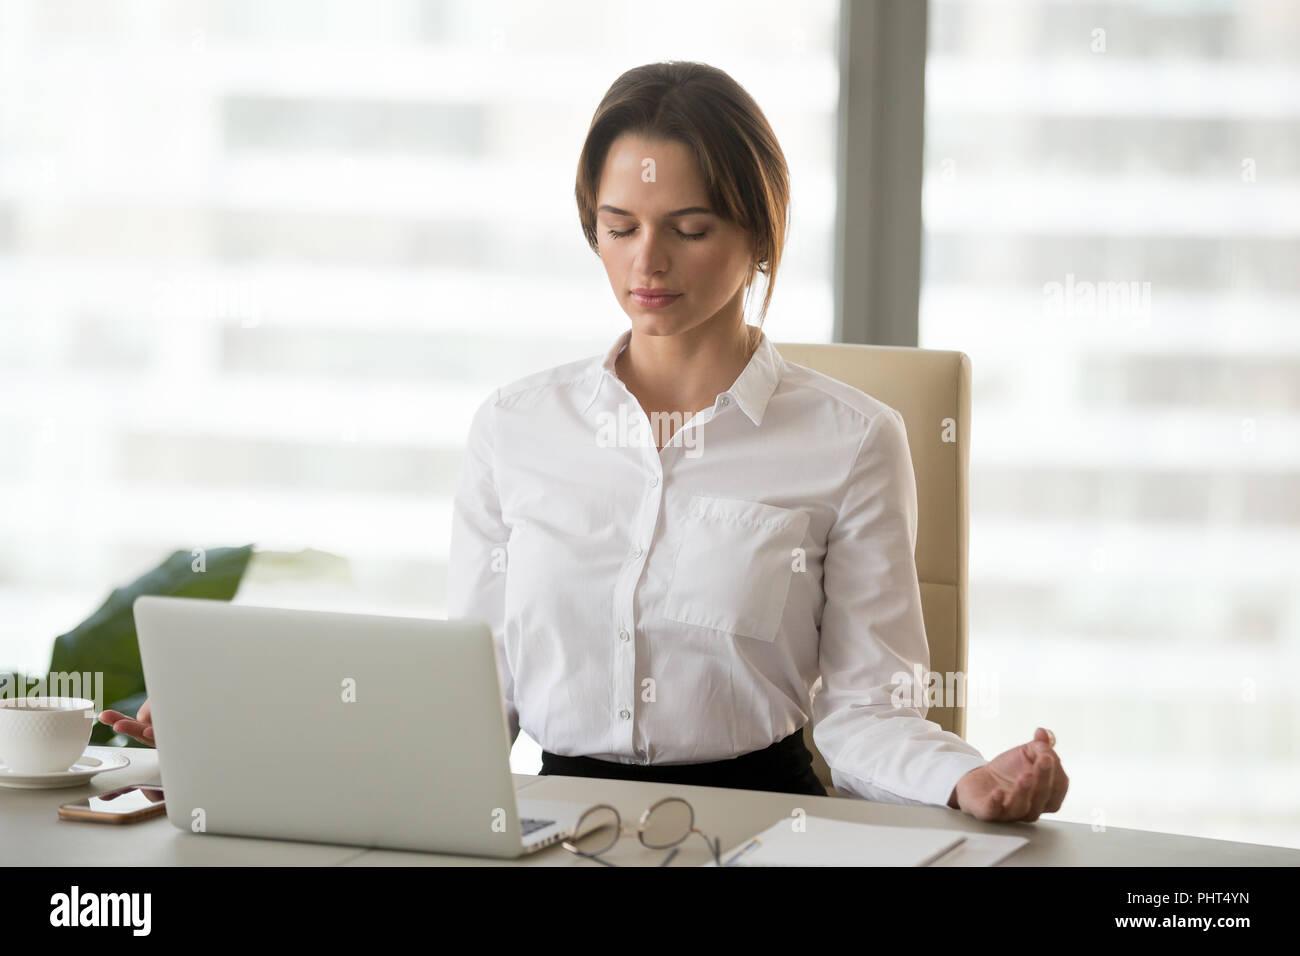 Memore millenaria donna meditando in ufficio per ridurre il lavoro str Immagini Stock